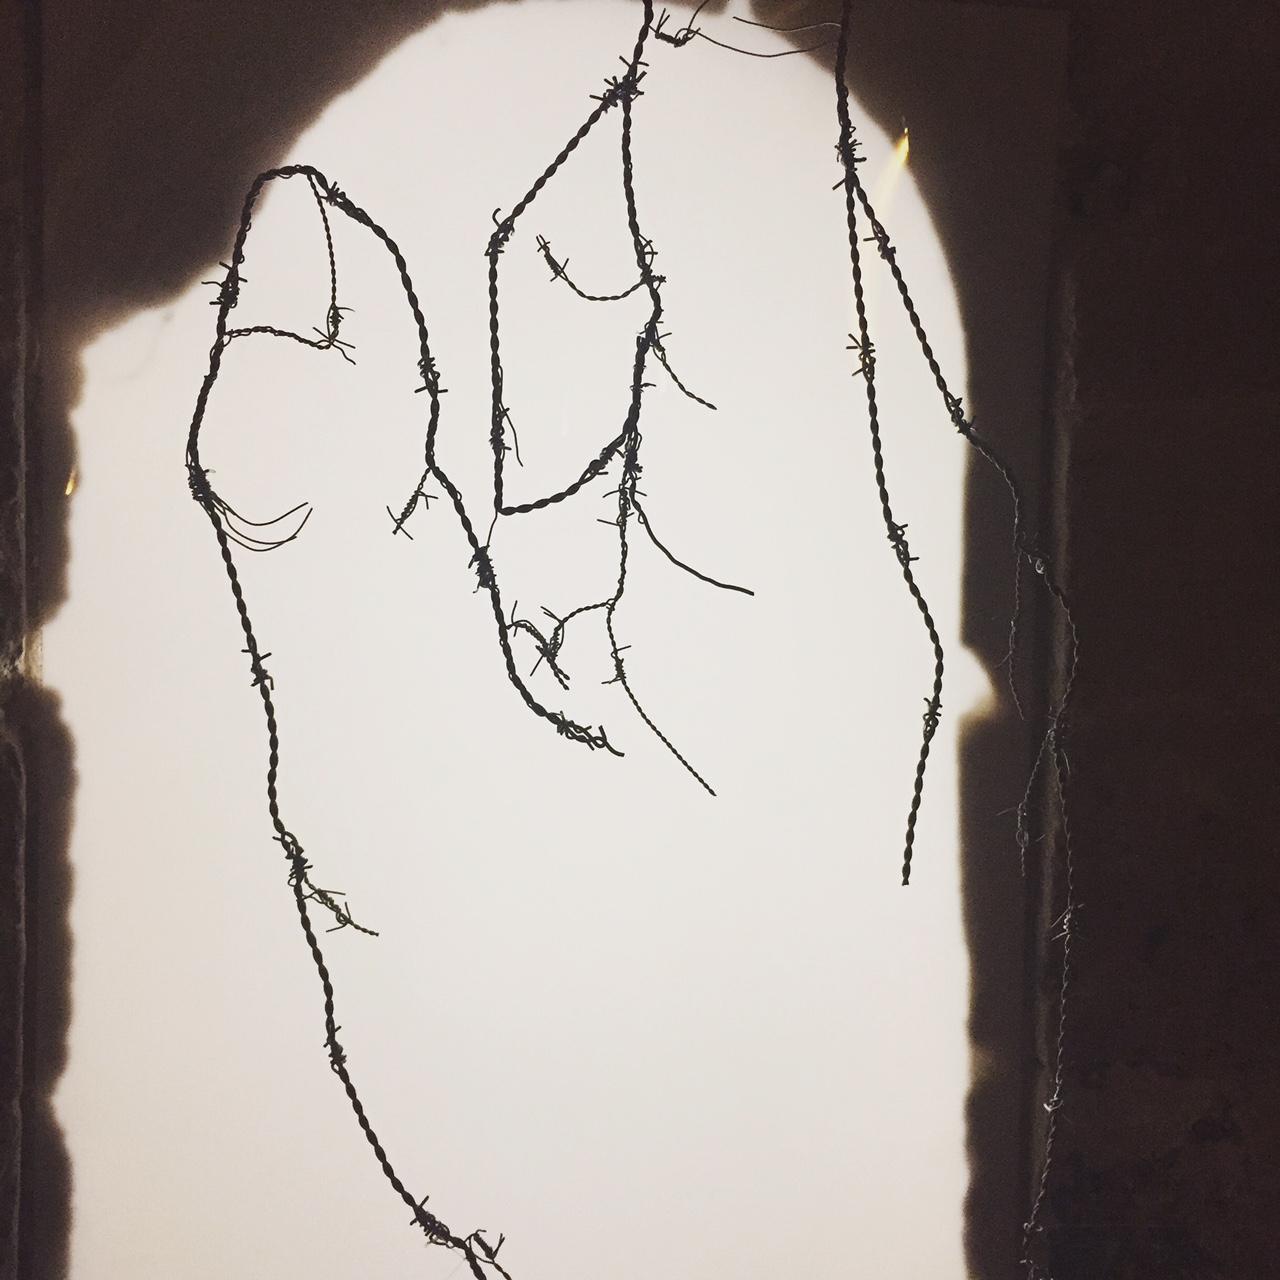 La main, Yazid Oulab, Couvent des Minimes